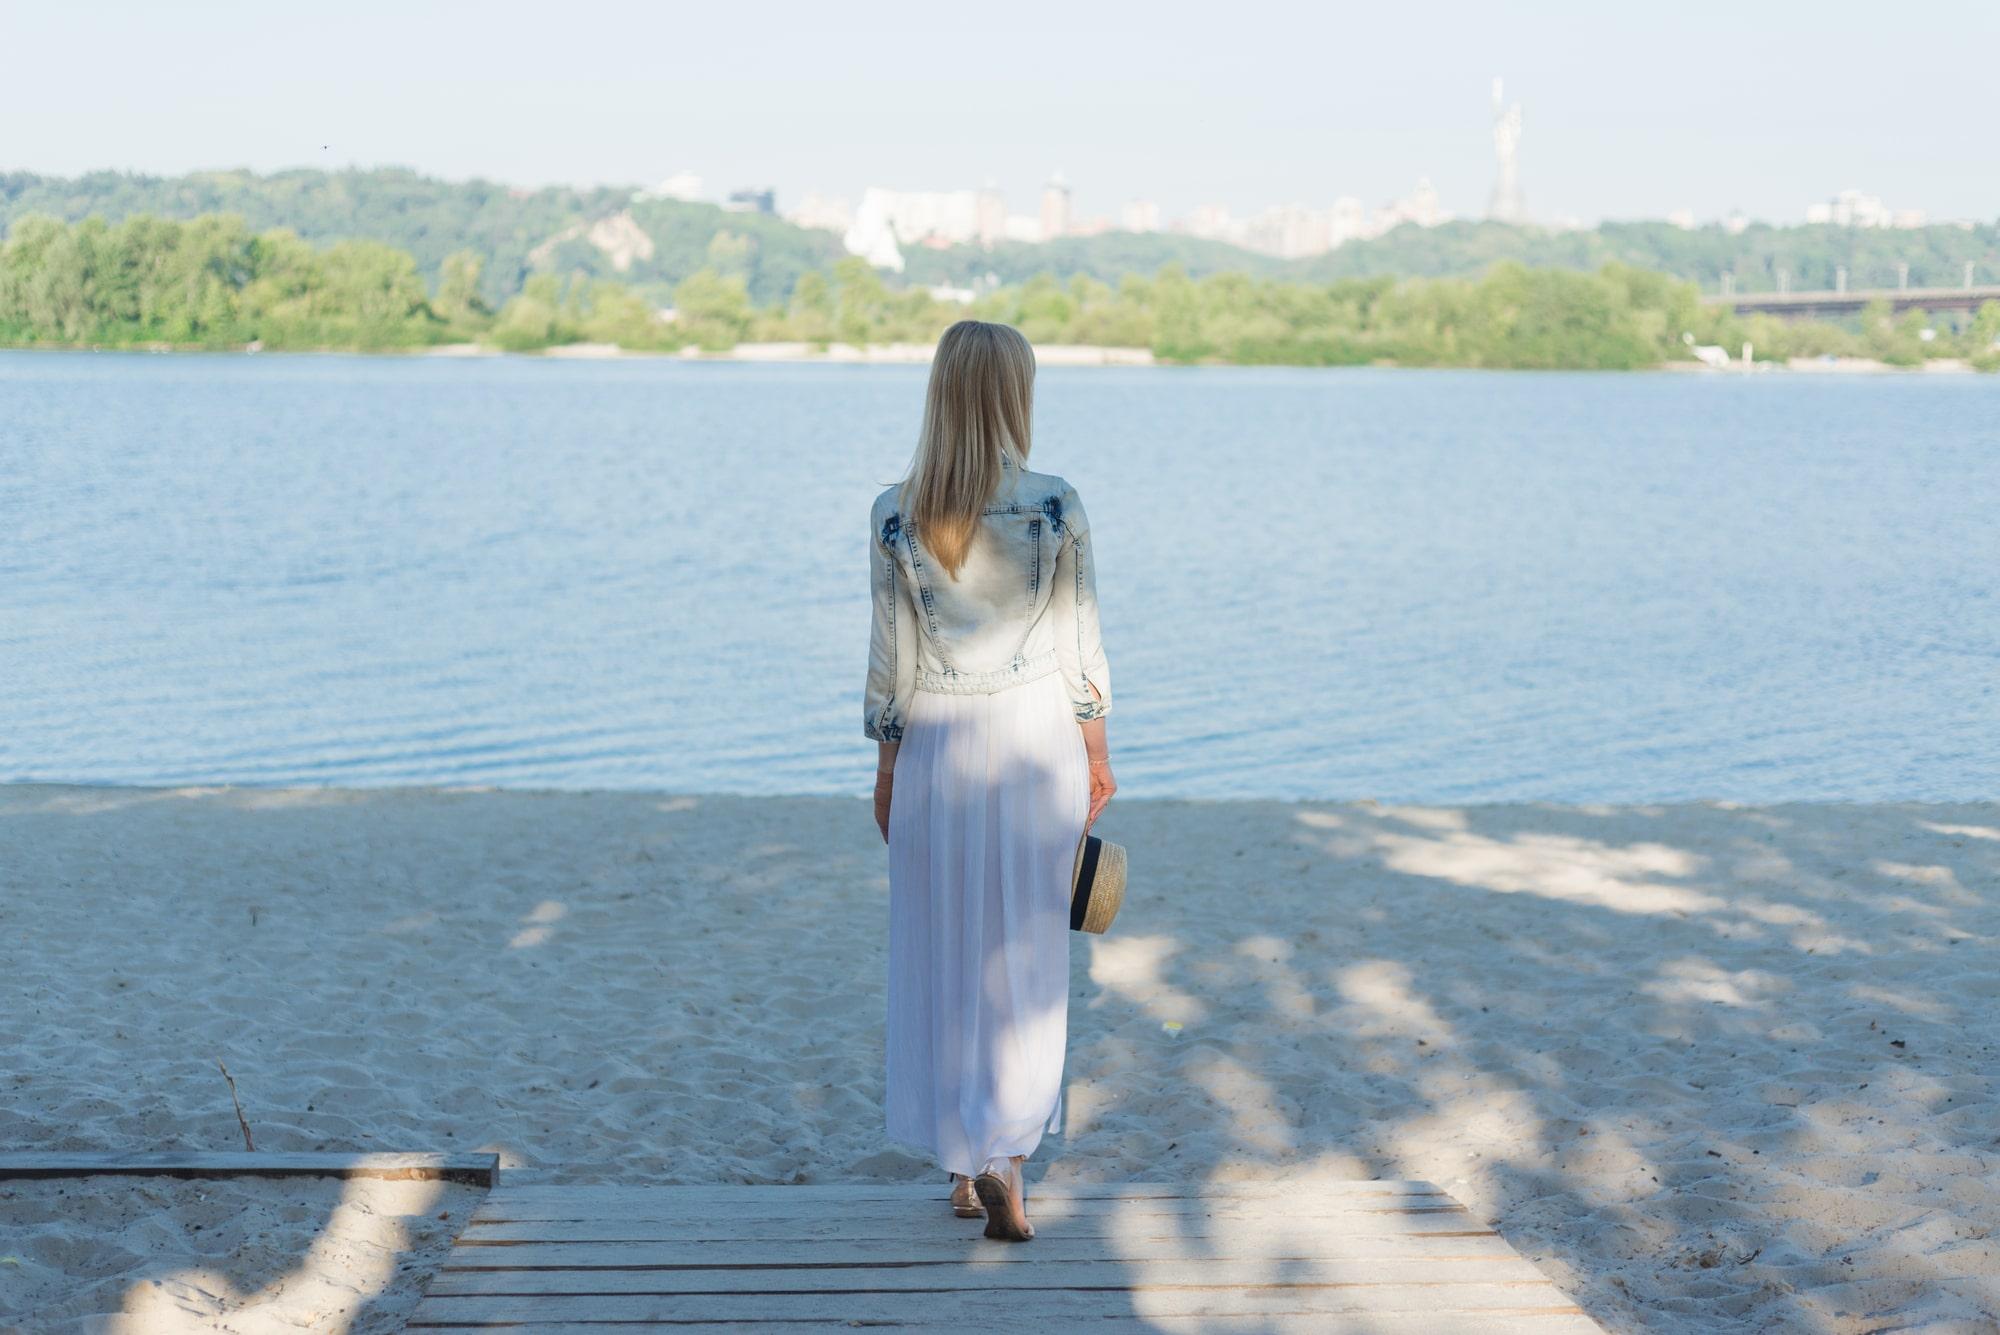 Фотосессия девушки возле реки Днепр - спиной к фотографу